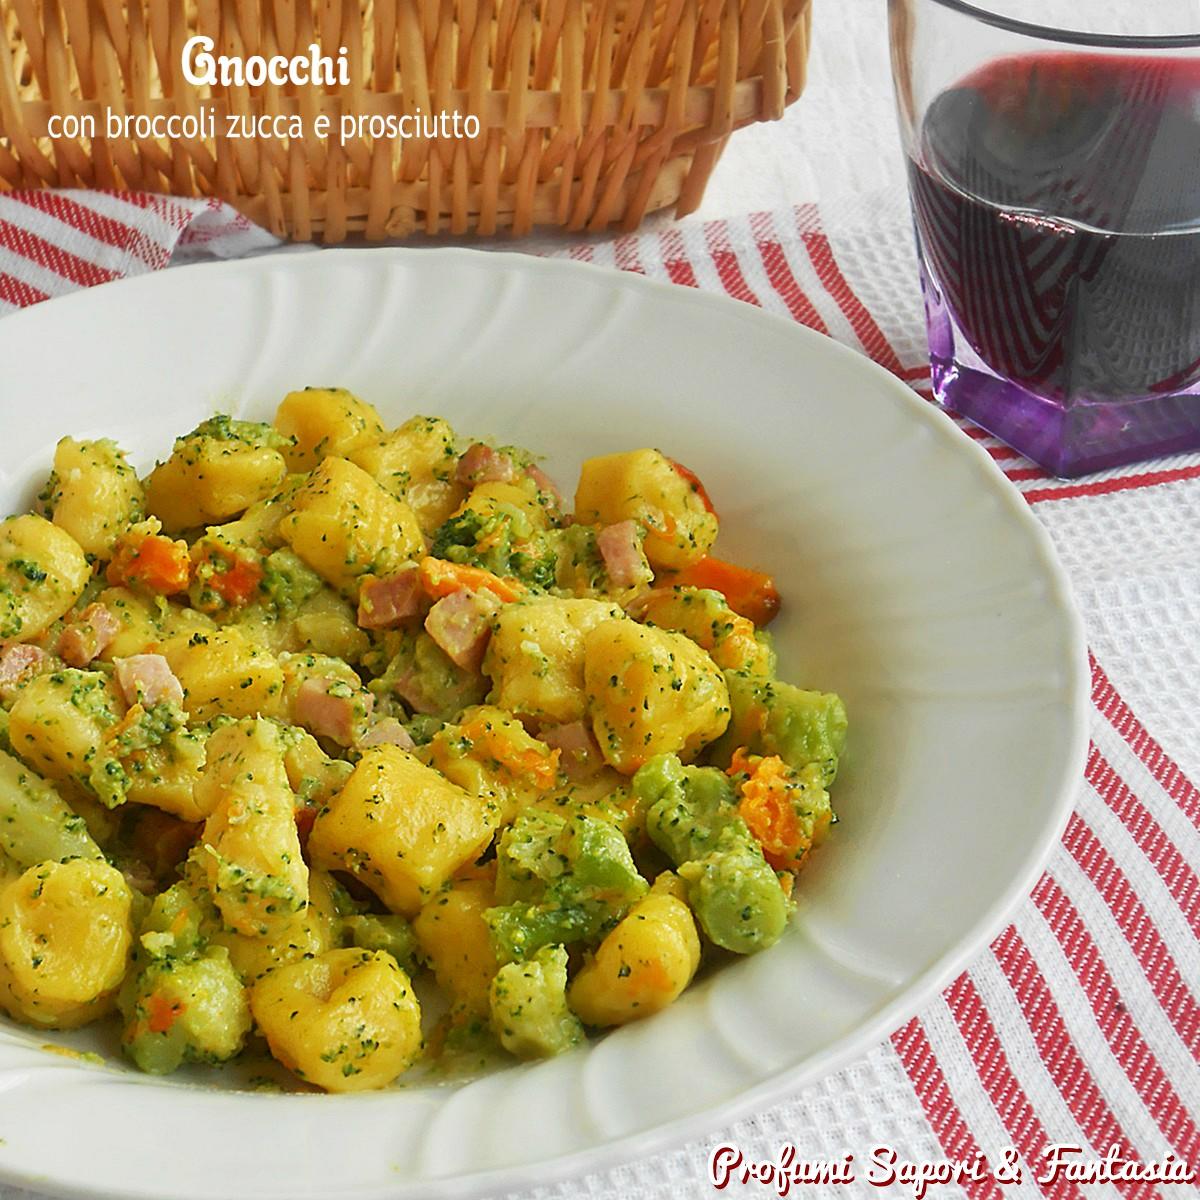 Gnocchi con broccoli zucca e prosciutto g